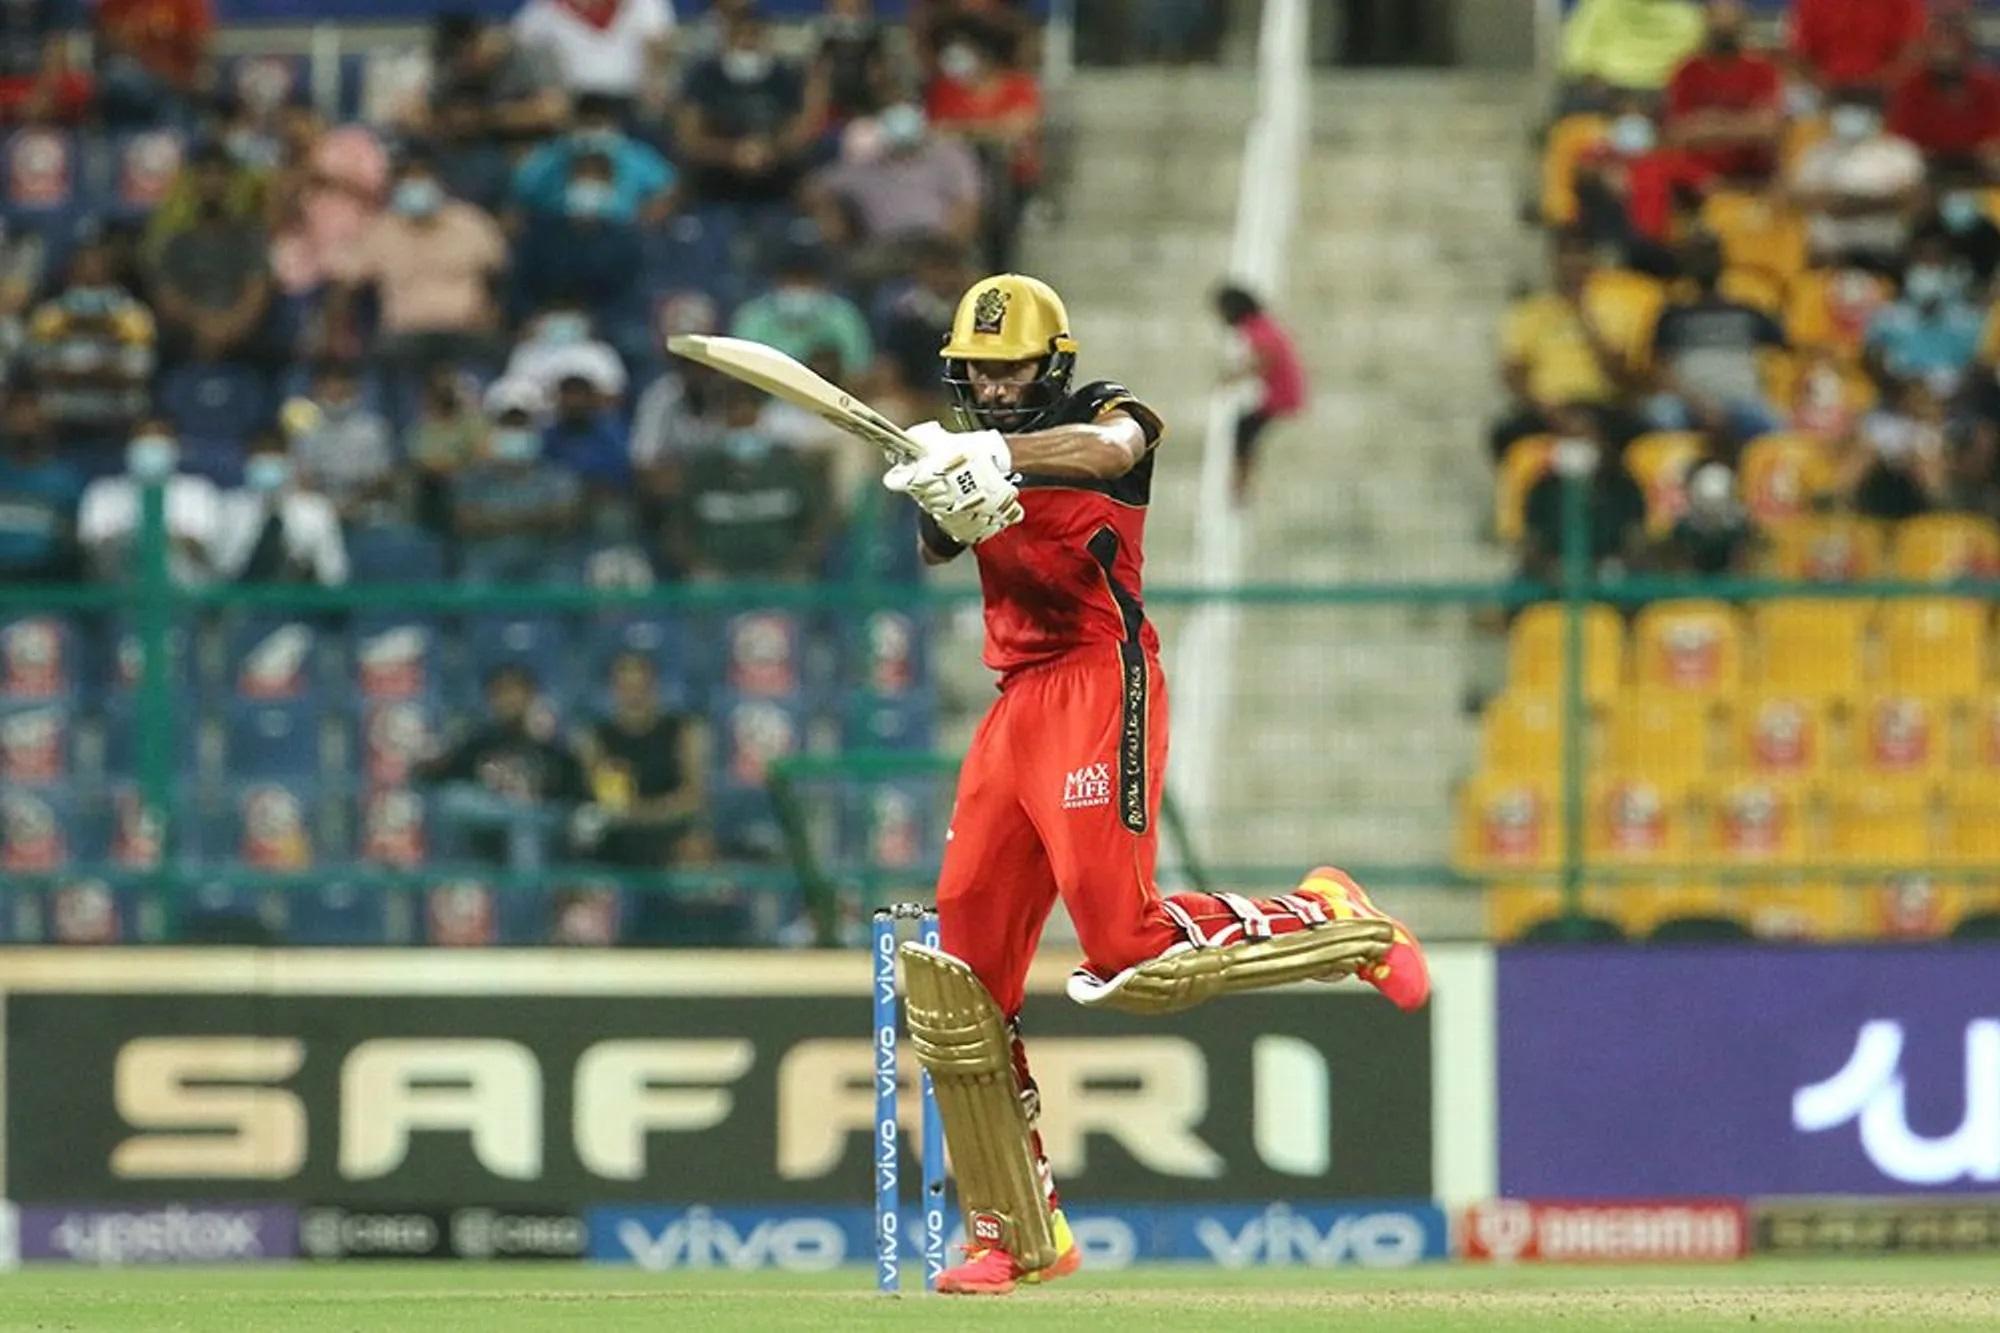 बेंगलुरु के ओपनर देवदत्त पडिक्कल जबर्दस्त फॉर्म में हैं। हर मैच में वो बेंगलुरु को तगड़ी शुरुआत दे रहे हैं। हैदराबाद के 141 रन का पीछा करने उतरी बेंगलुरु से 41 रन अकेले पडिक्कल ने बना ही दिए थे।